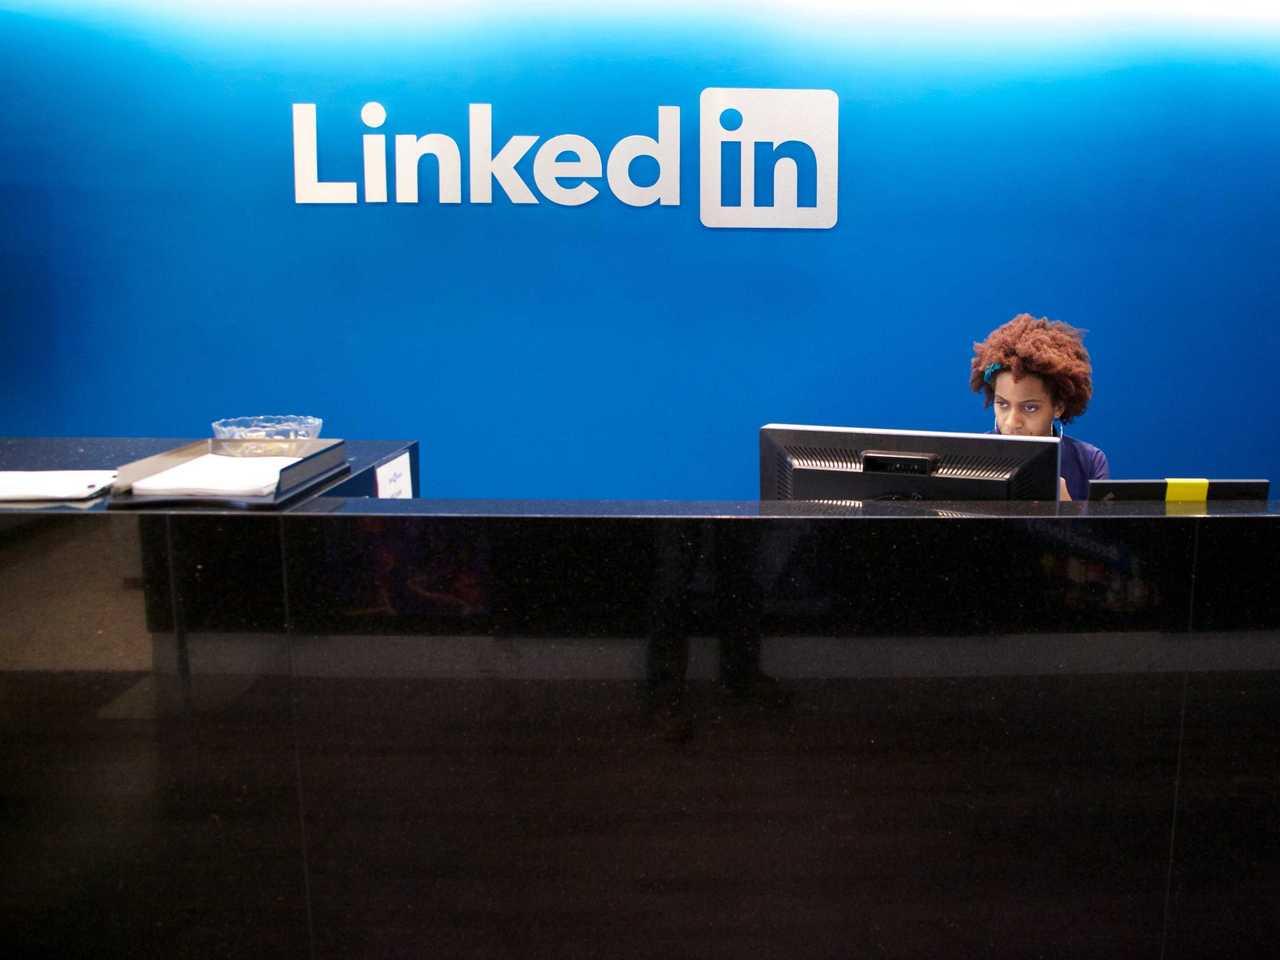 LinkedIn com novas ferramentas analíticas O LinkedIn implementou recentemente uma série de alterações que melhora a perspetiva analítica da sua plataforma. Desta forma, torna-se agora mais fácil entender quem visita a nossa página e quem vê e interage com os nossos posts. Dos exemplos a que já tivemos acesso, vê-se um alcance bastante superior àquele conseguido atualmente com o Facebook, bem como uma maior taxa de click nos posts com links. Para além disto, os exemplos de benchmark e a profundidade de alguma informação (podemos ver categorizações bastante interessantes sobre quem nos segue, por exemplo), são uma excelente notícia para uma plataforma cada vez mais utilizada pela Comunicação Corporativa e pelos departamentos de recursos humanos das empresas. via Linkedin Pedro Pinto